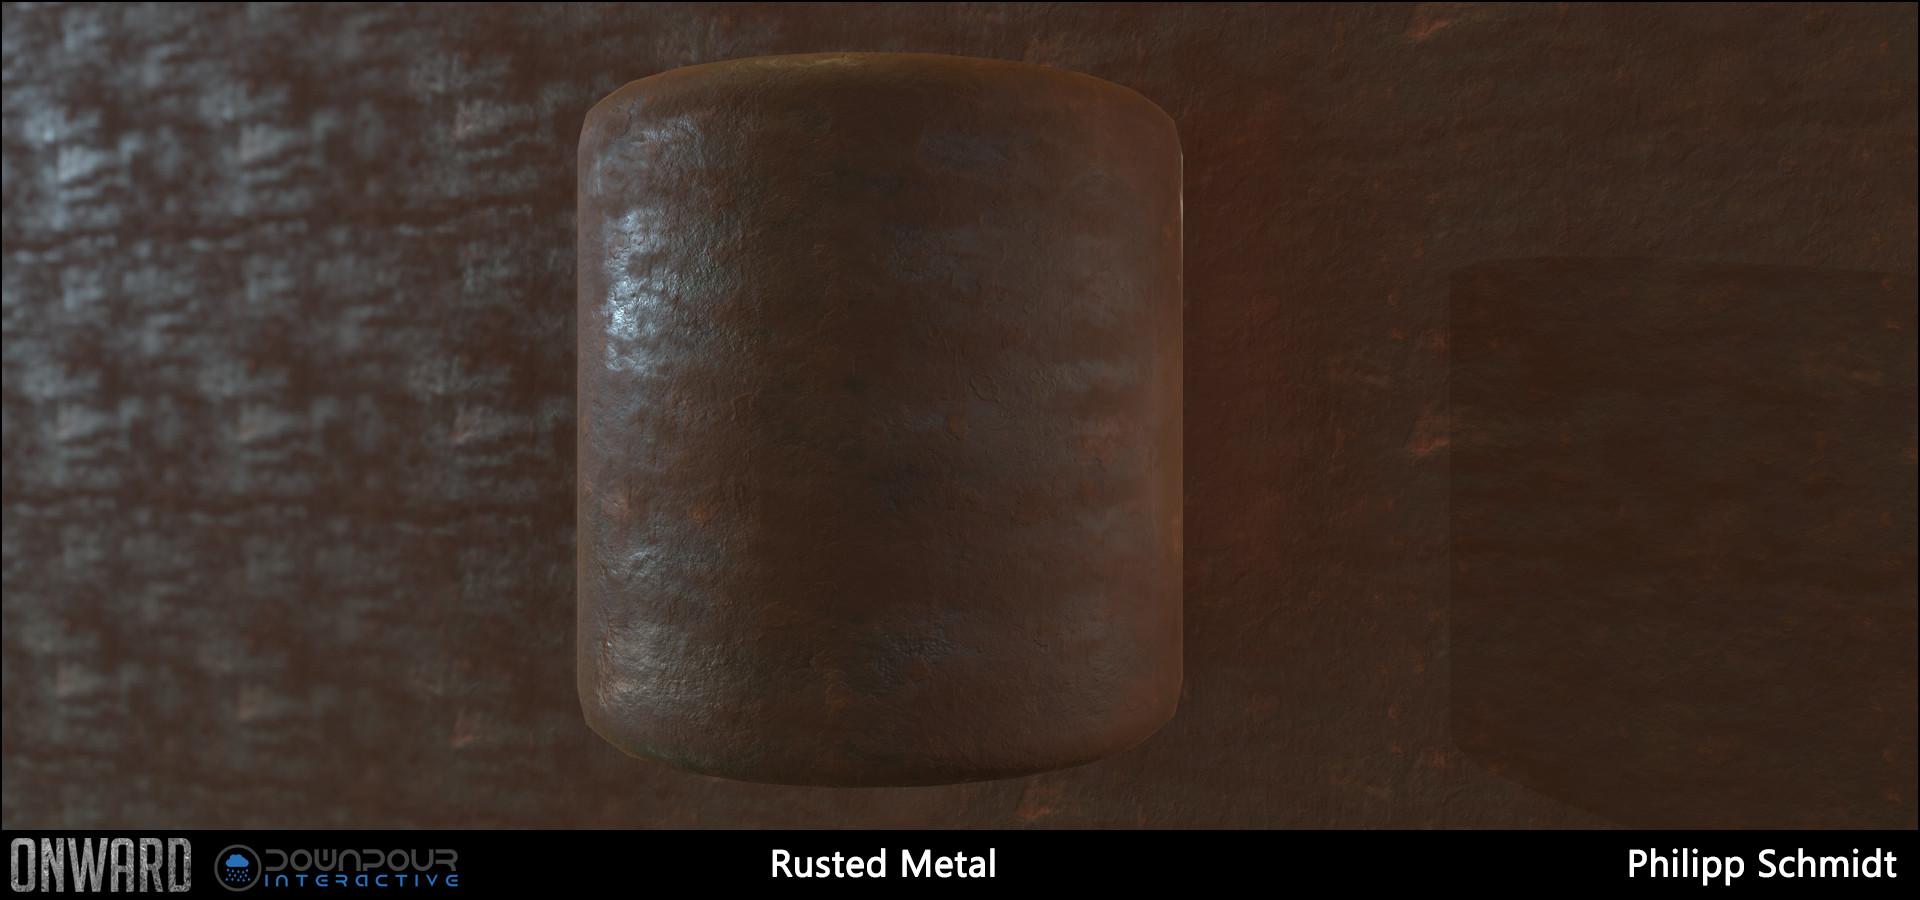 Philipp schmidt rustedmetalwithname